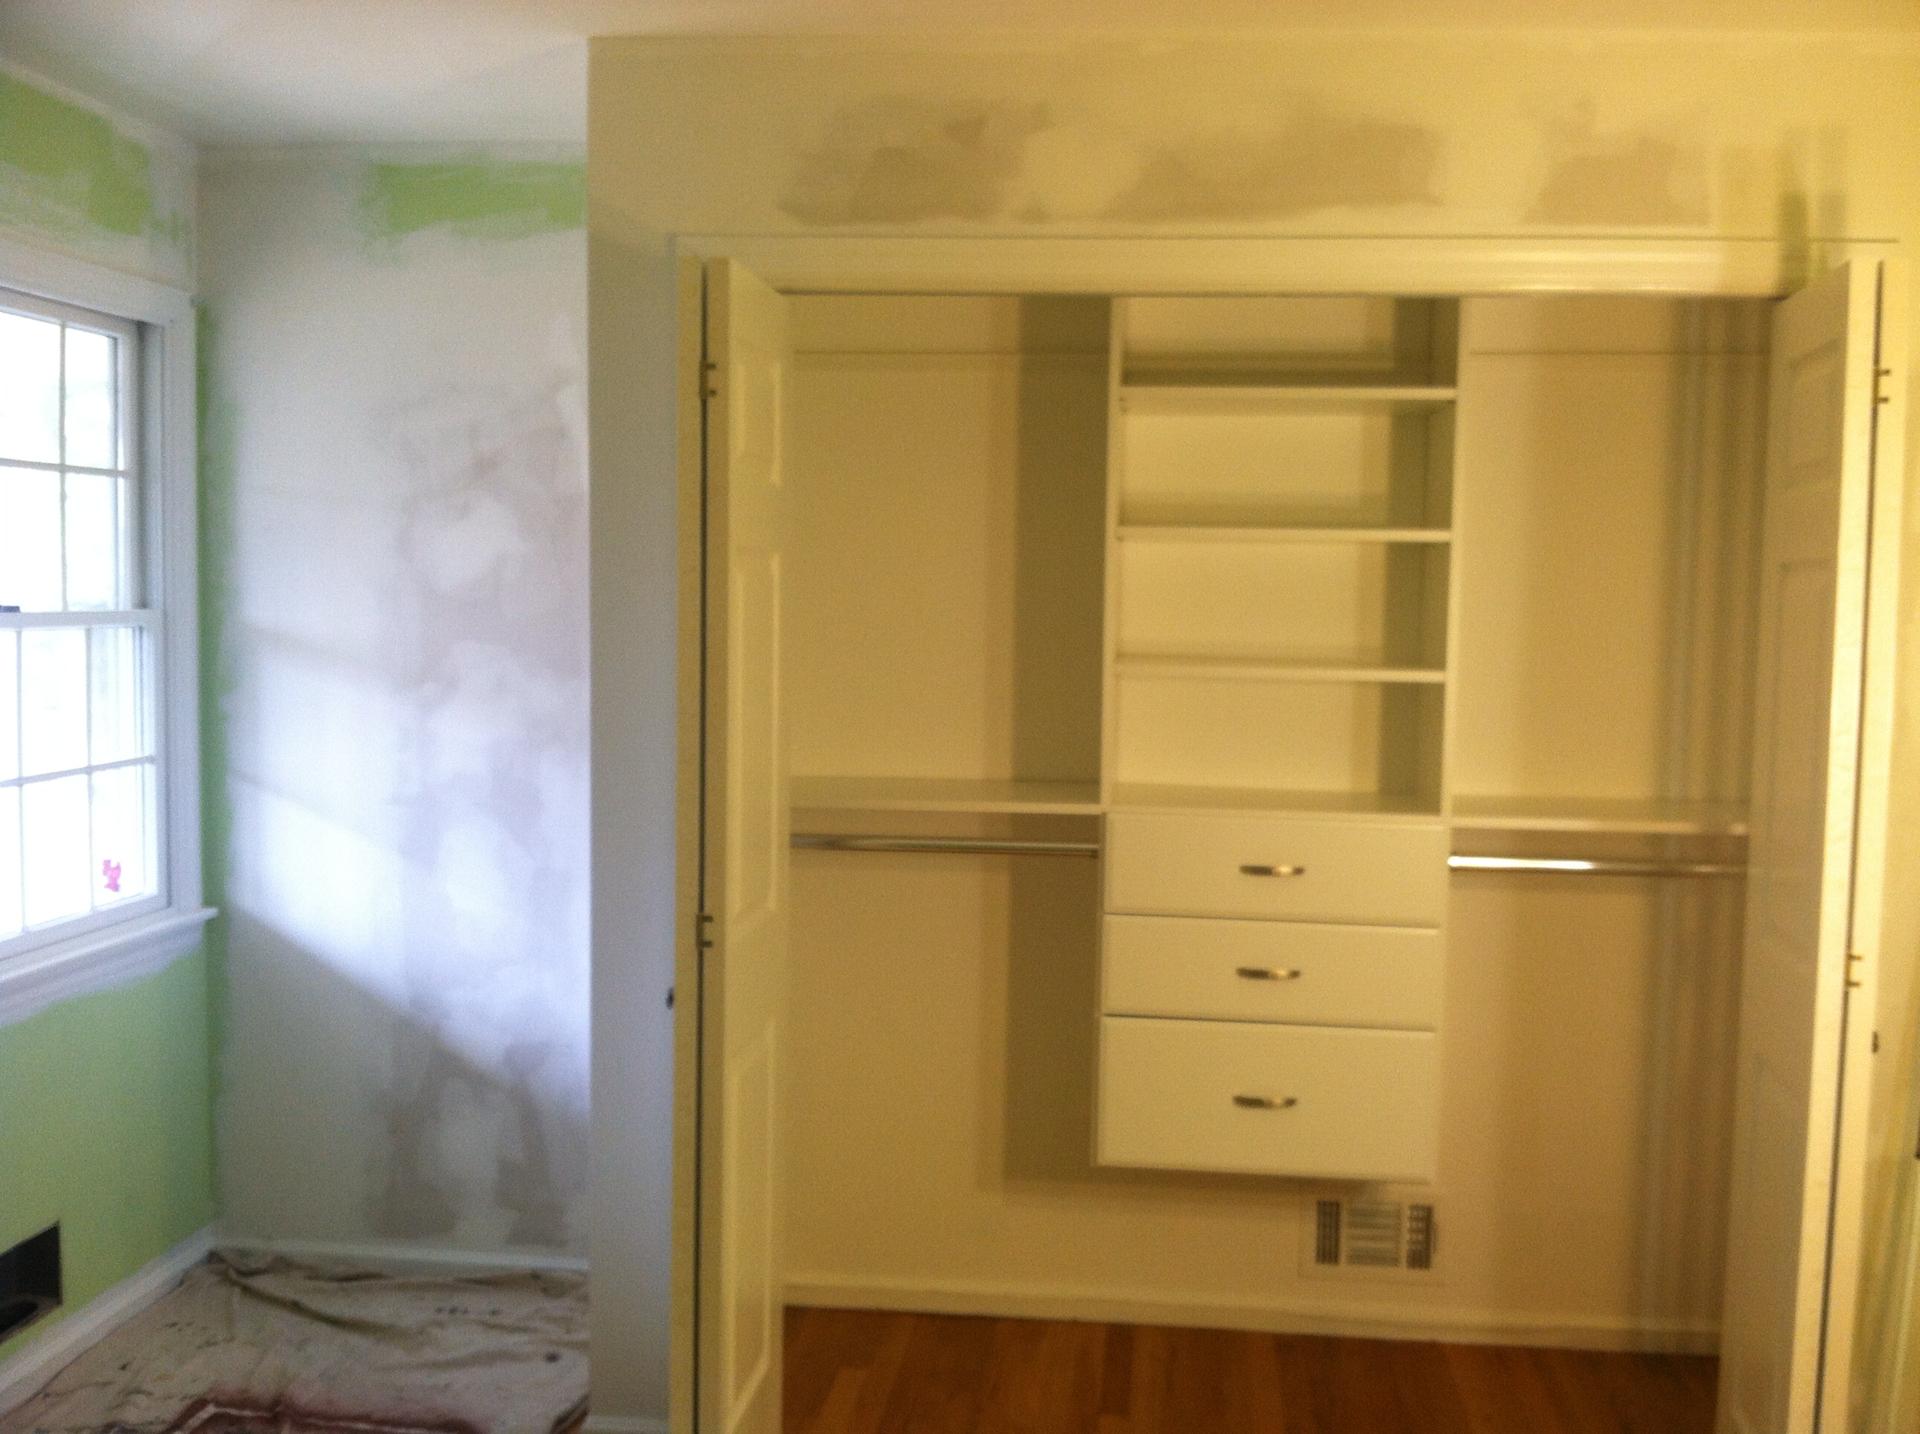 Kid's Bedroom Closet: After